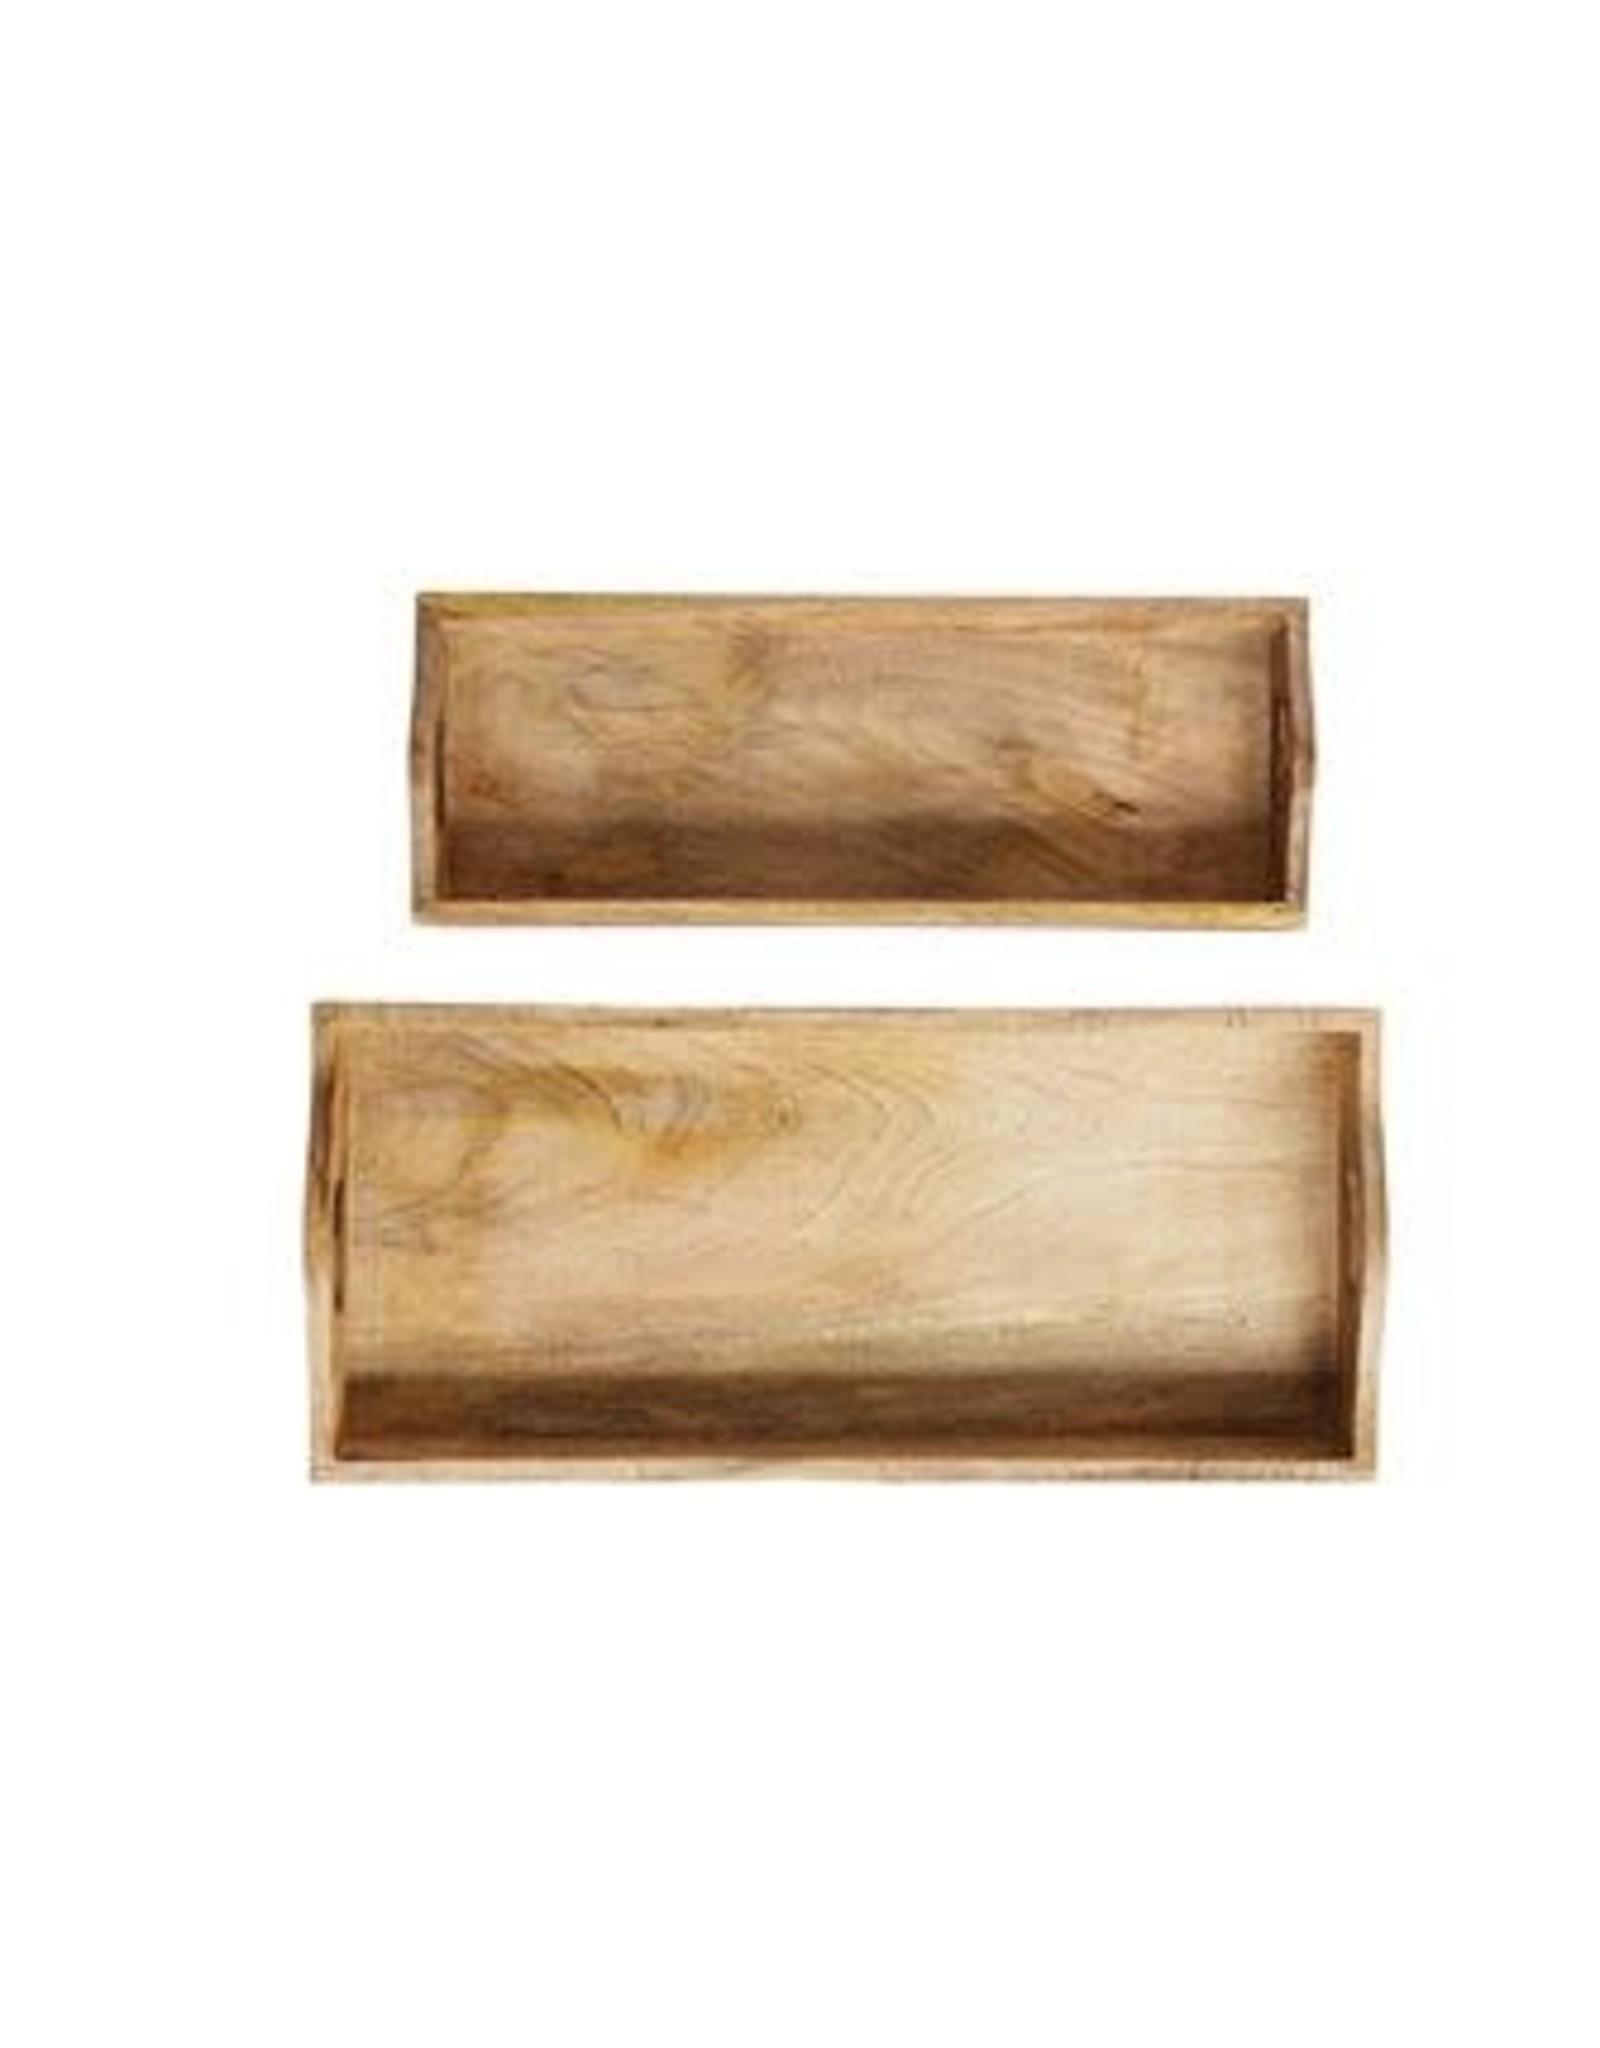 Rectangle Mango Wood Tray - large